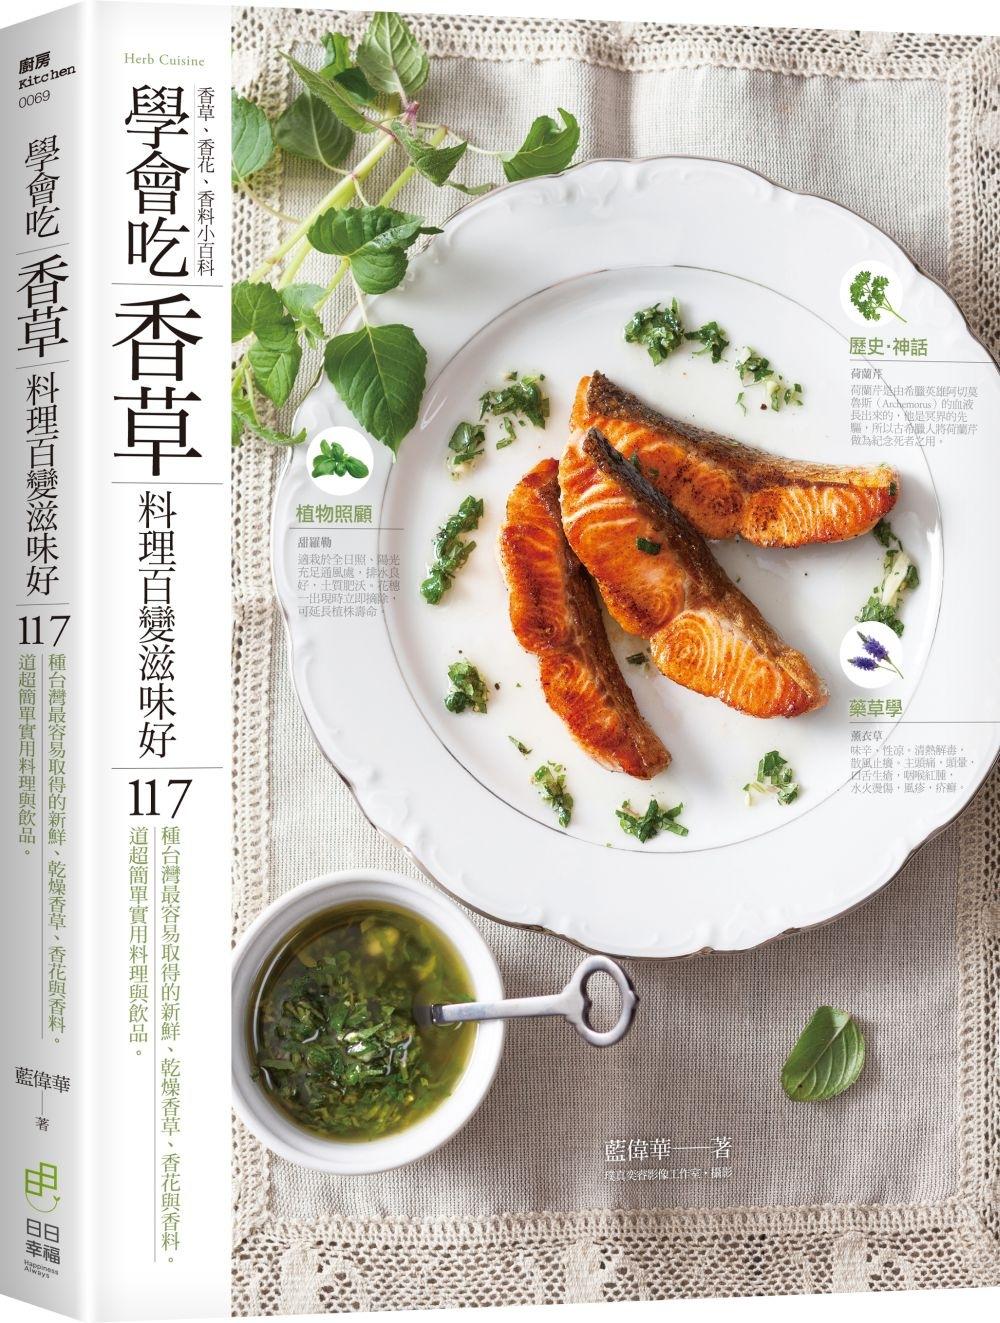 學會吃「香草」 料理百變滋味好:117種台灣最容易取得的新鮮、乾燥香草、香花與香料。117道超簡單實用料理與飲品